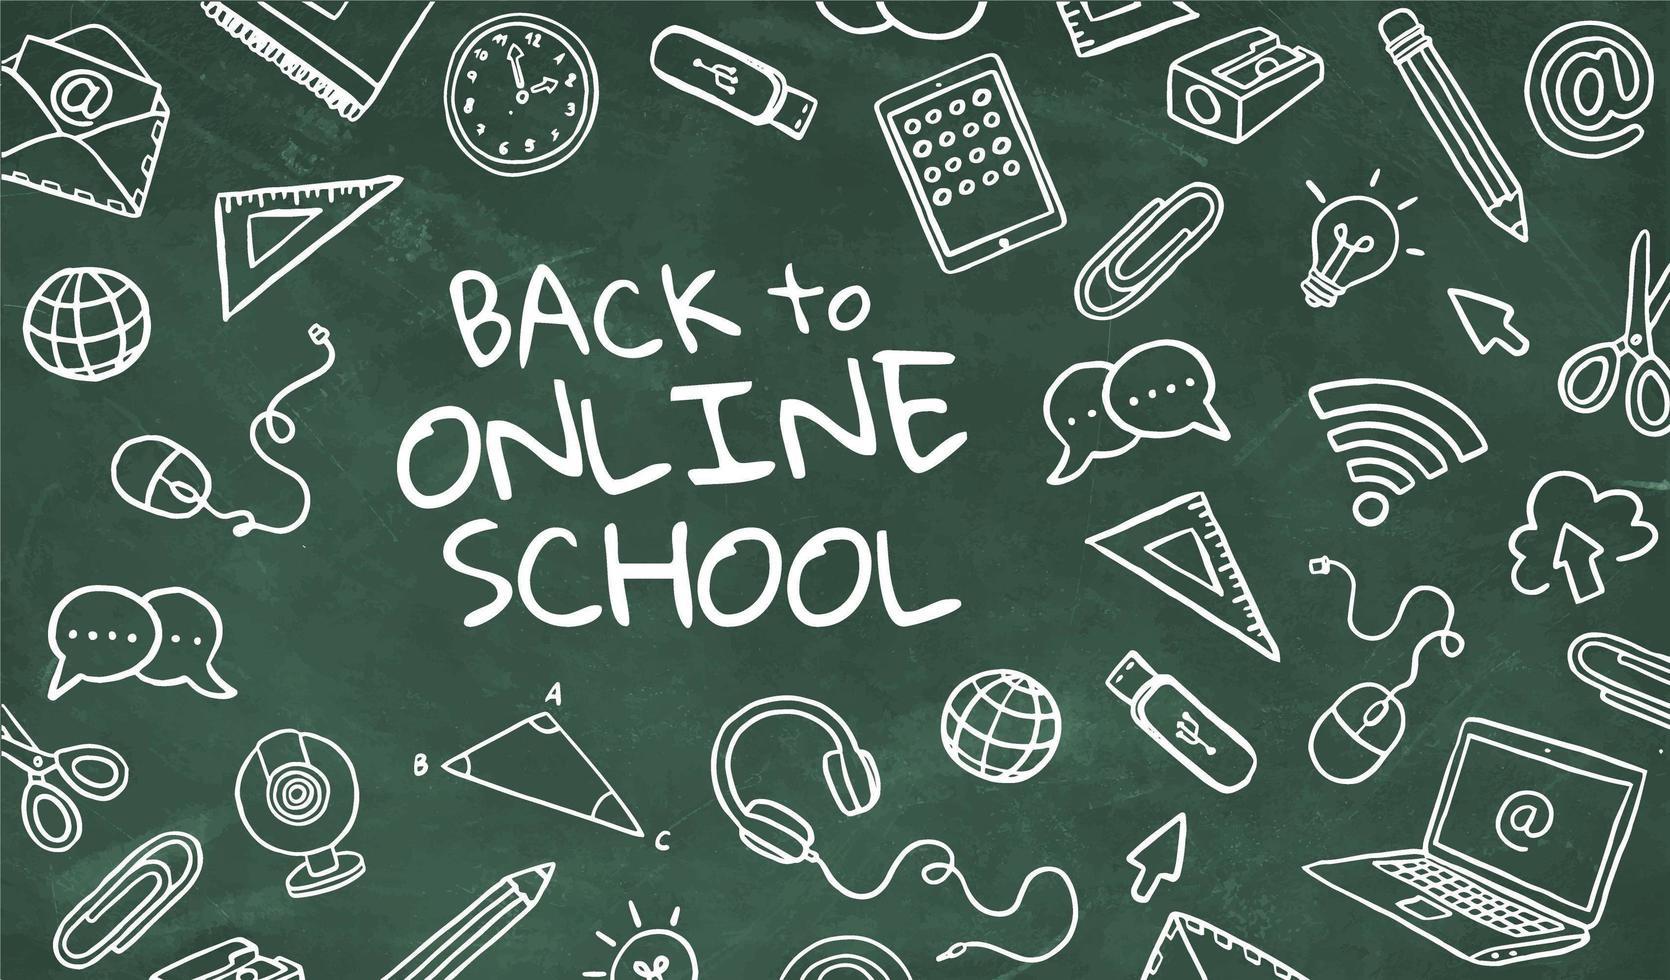 torna al concetto di scuola online vettore